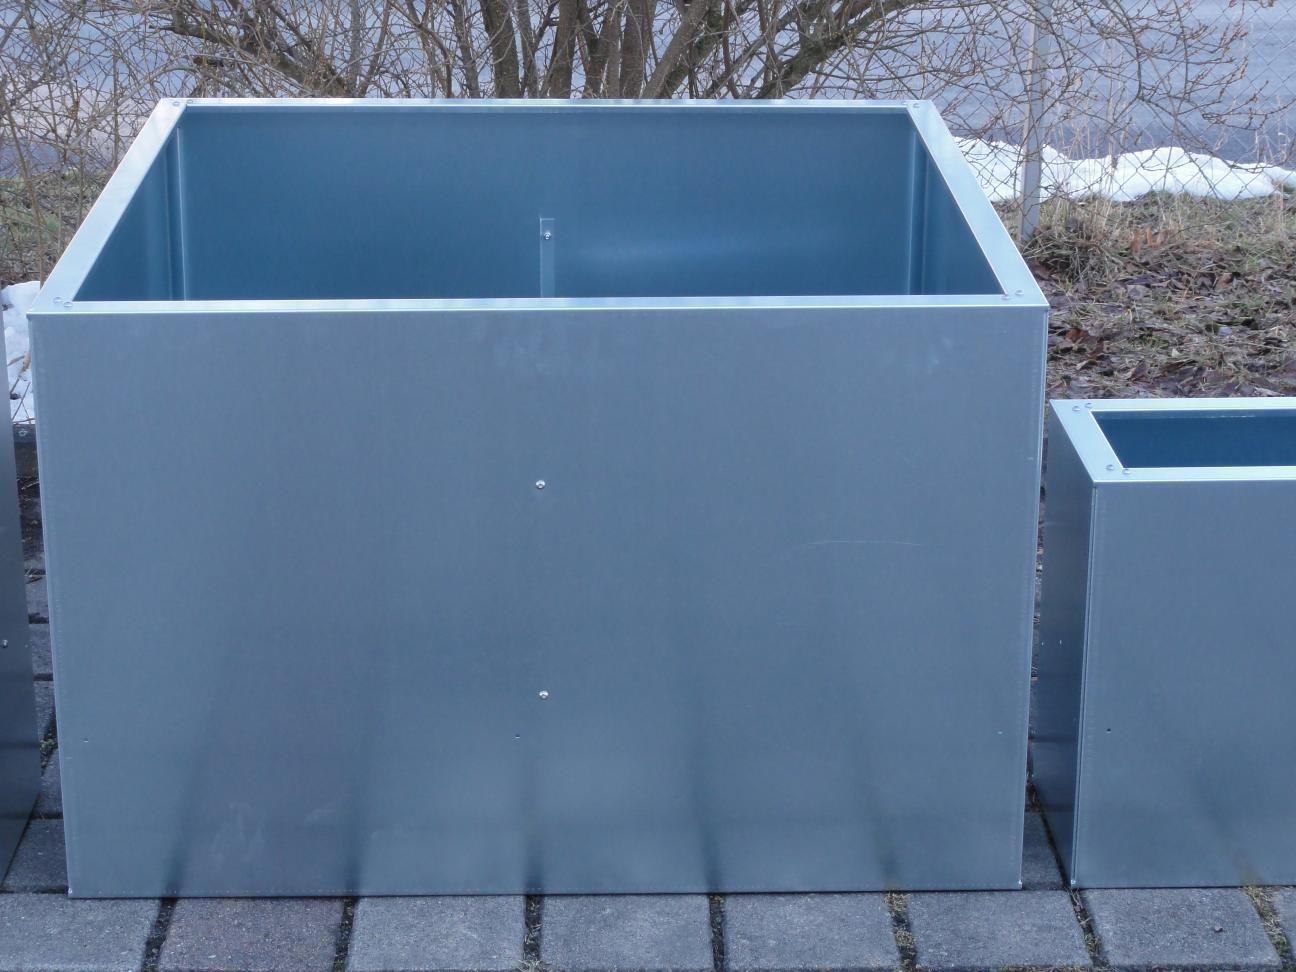 Hochbeet Urban Metall 0 55 M X 1 5 M Hohe 0 7 M Verzinkt Hochbeet Gartenboden Und Metall